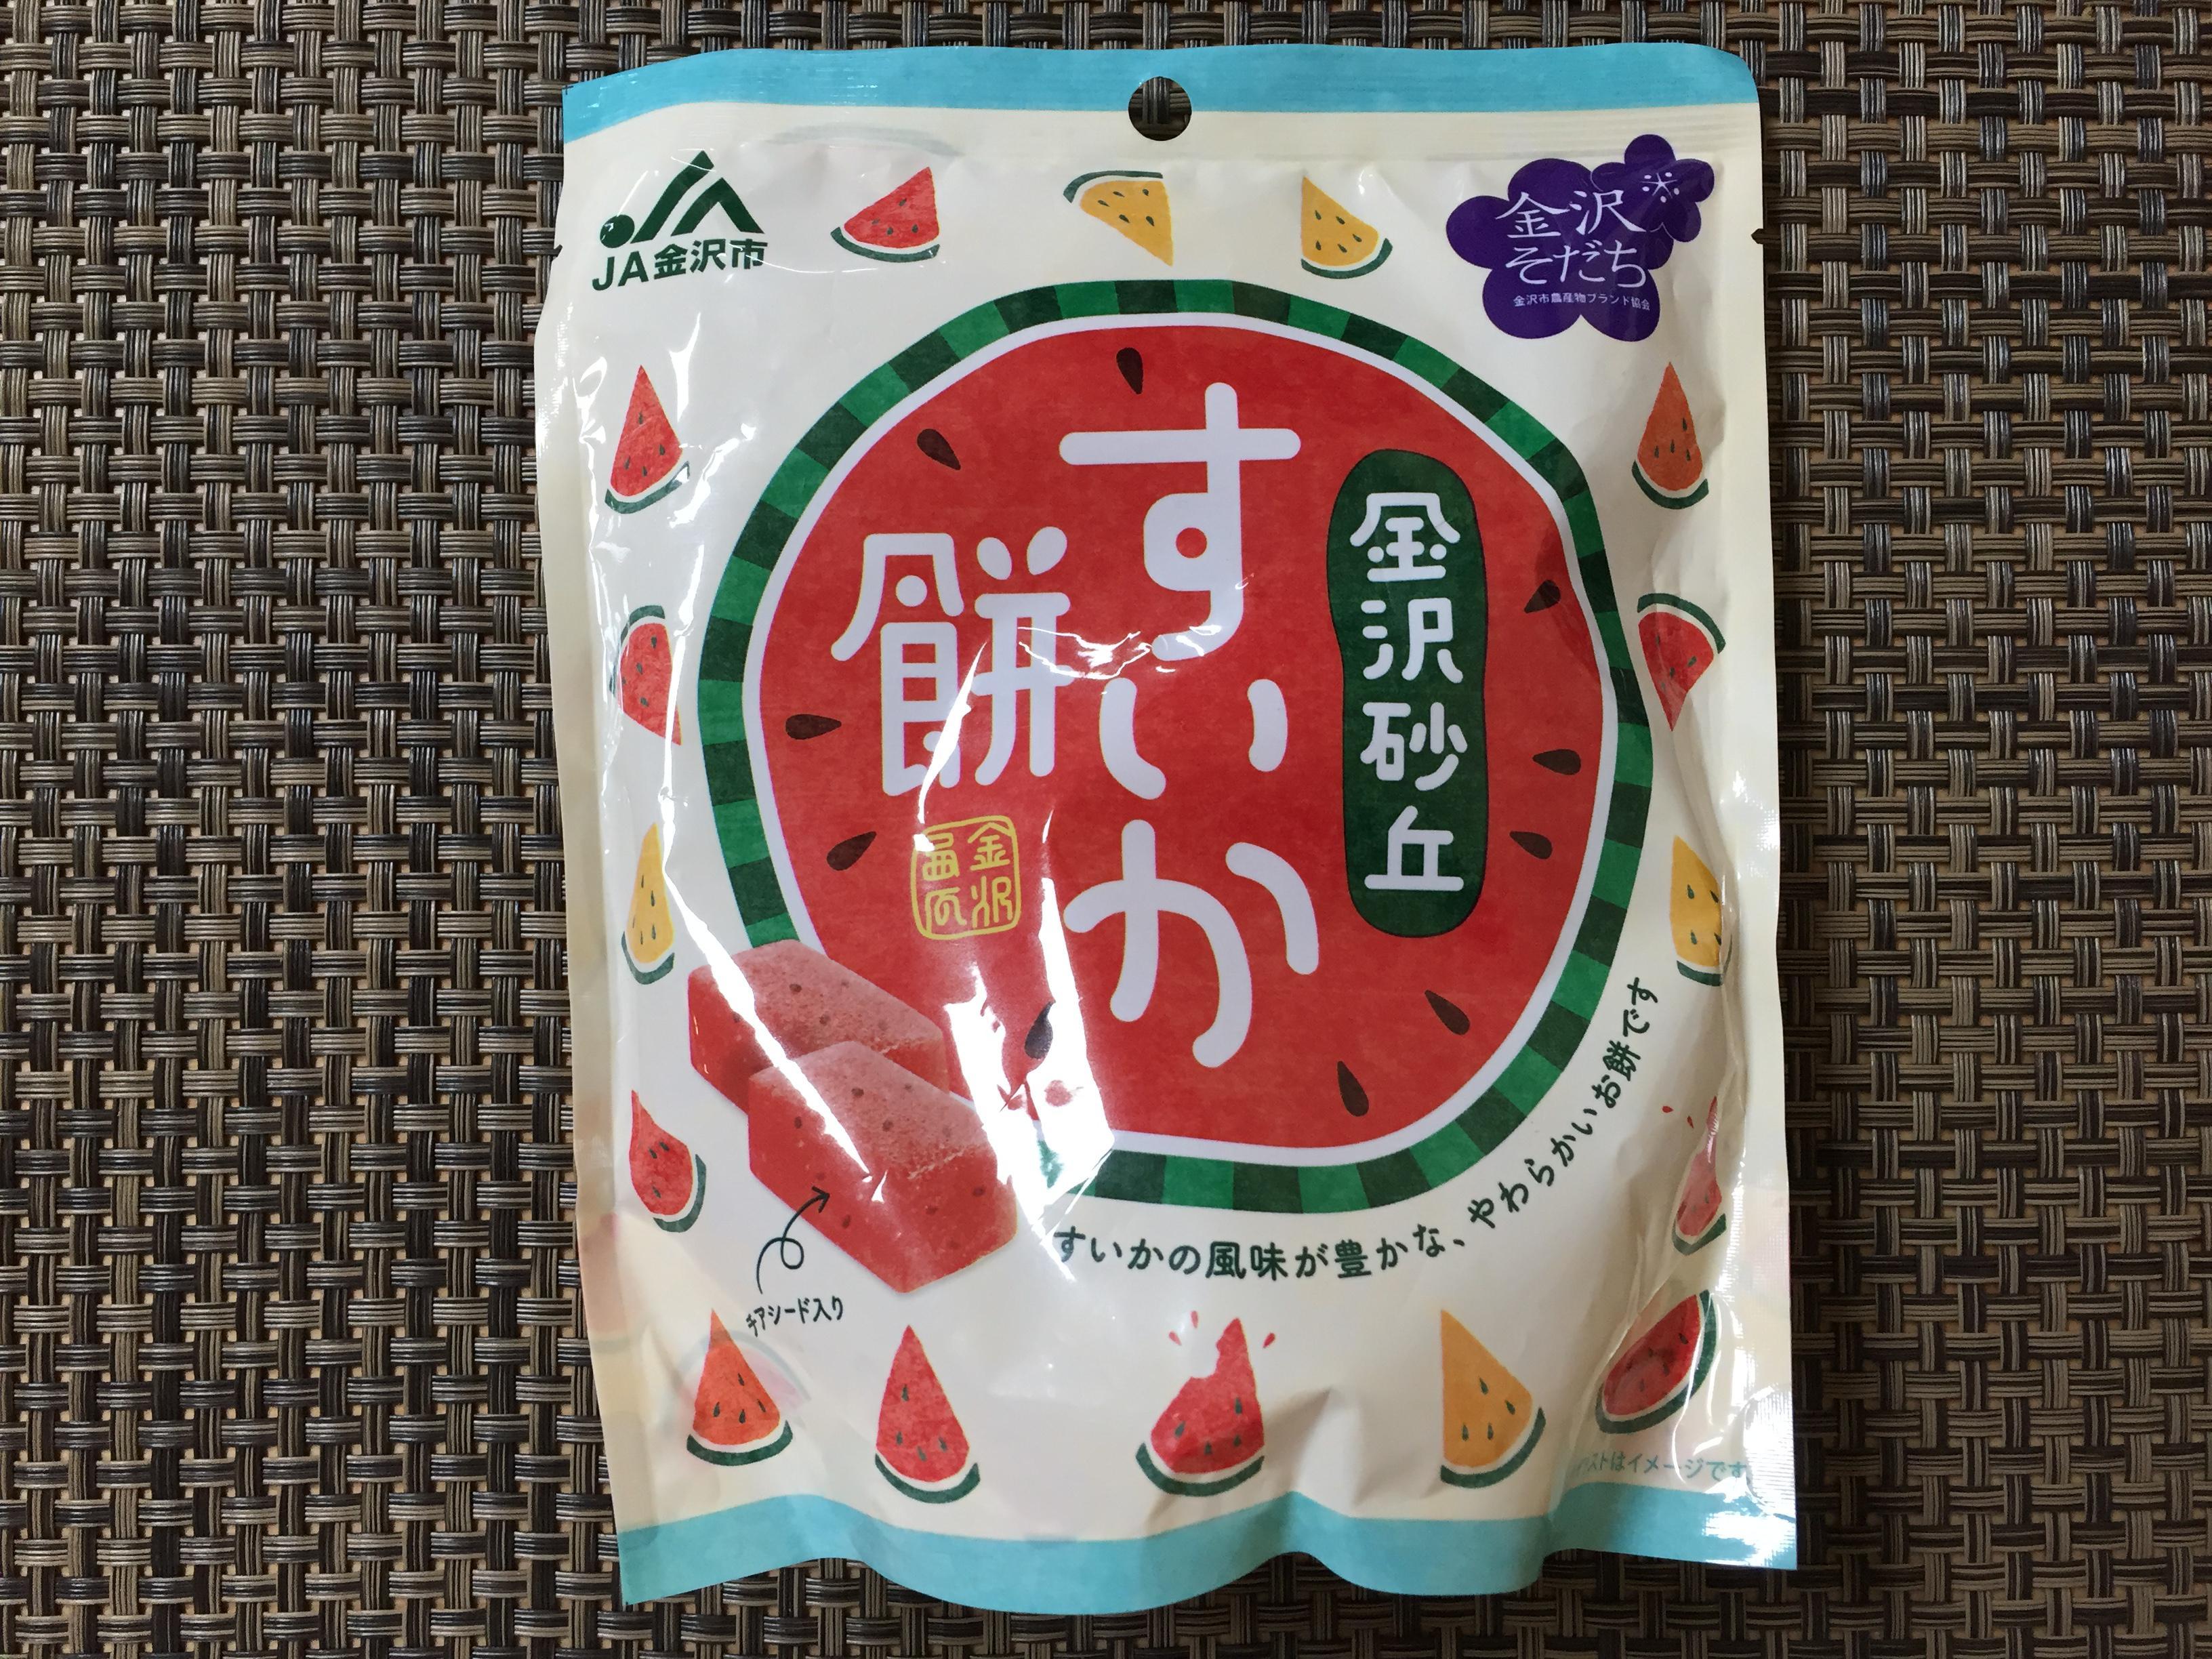 이것은 미묘한 맛...[JA金沢市]카나자와 사구 ..